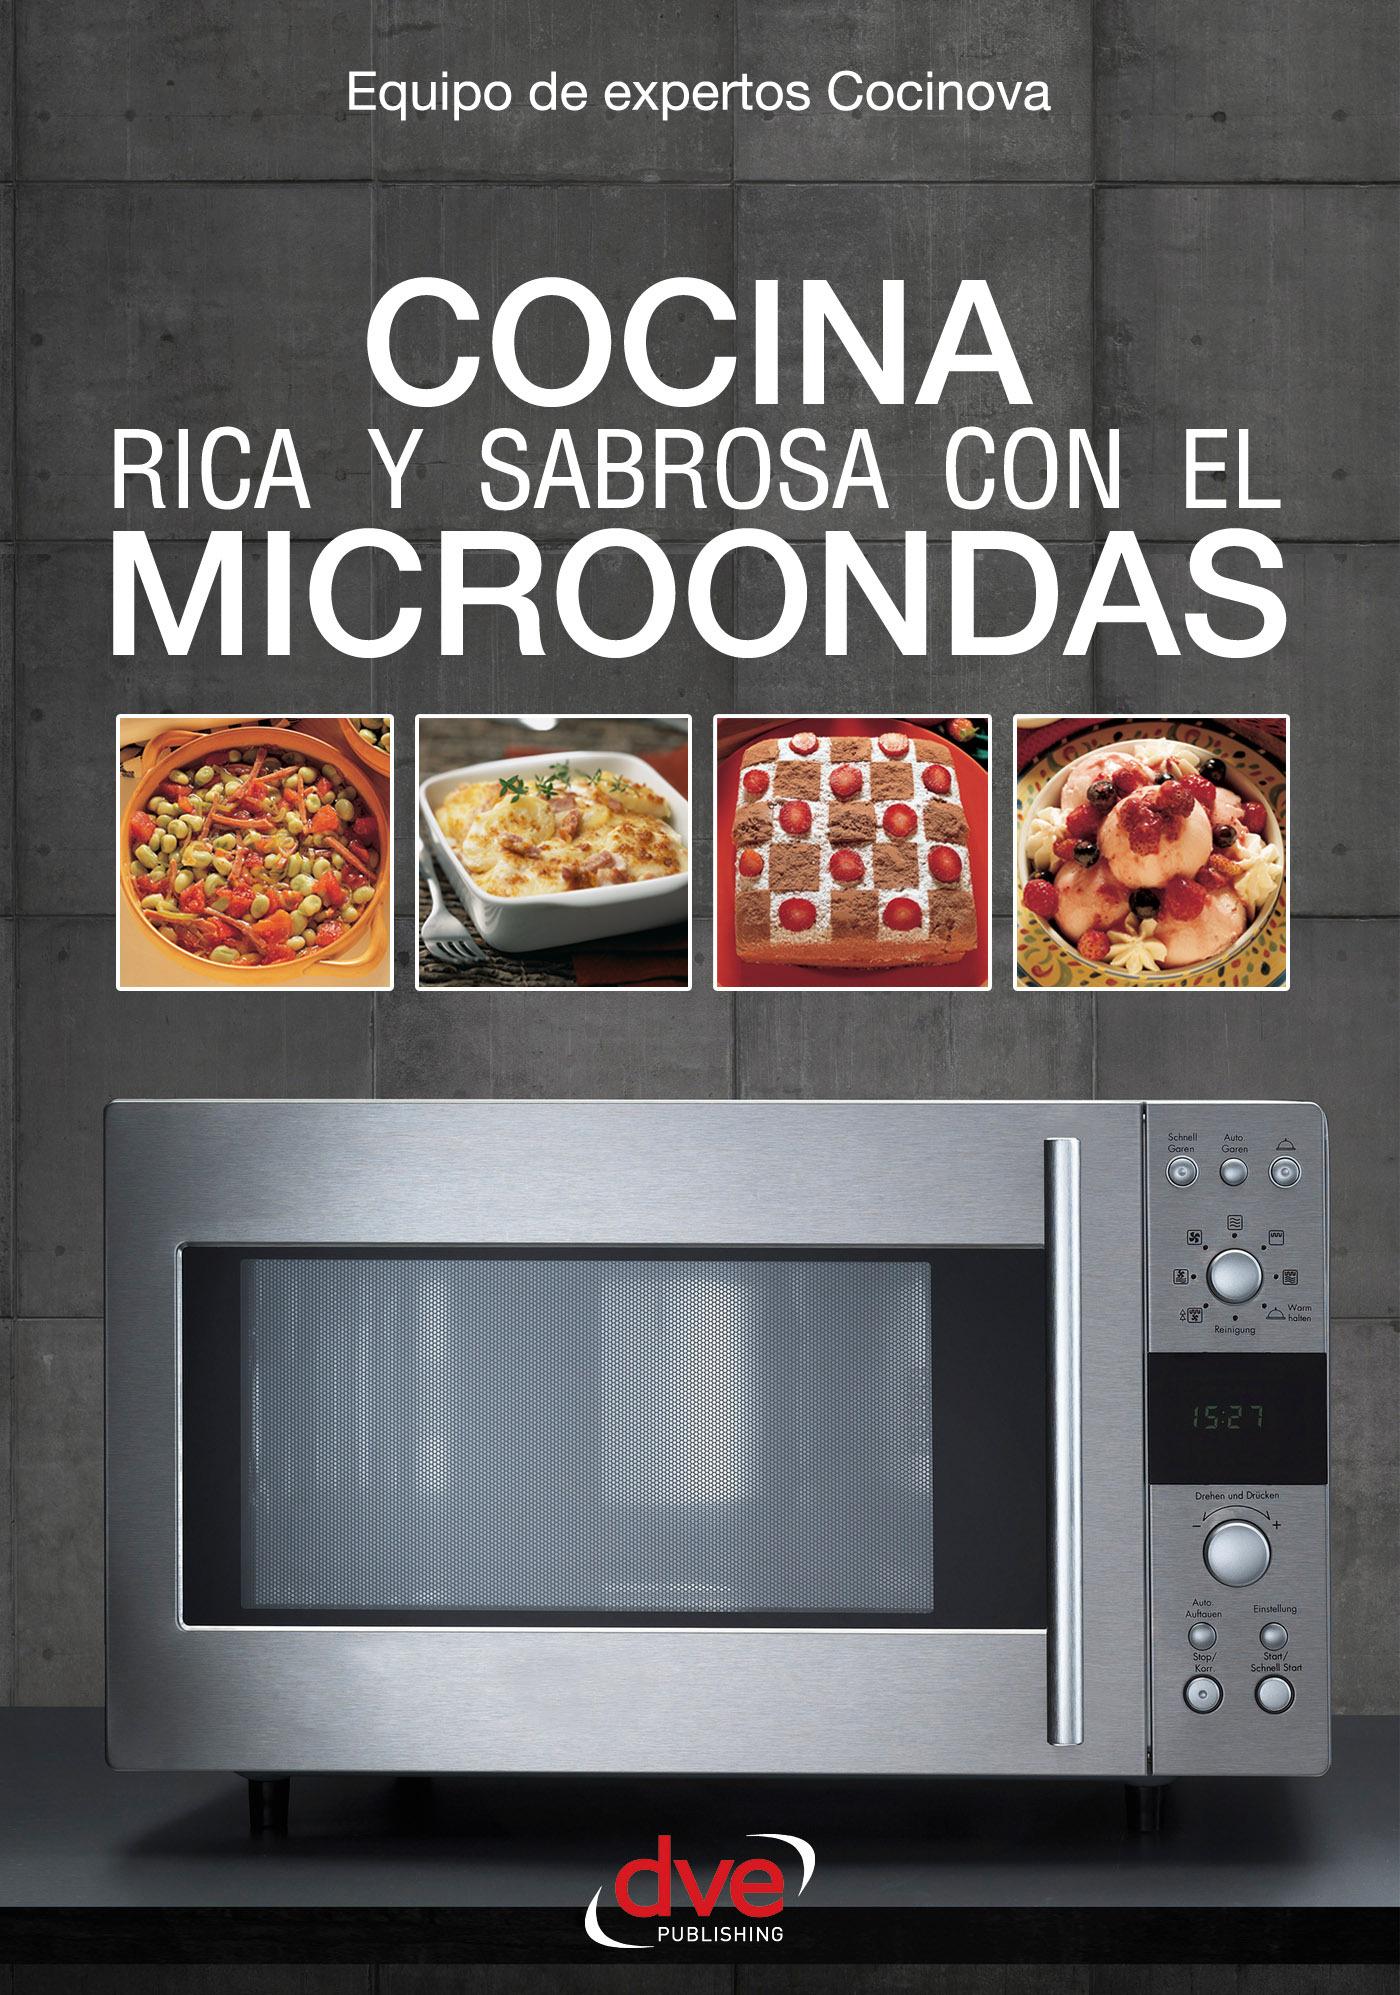 Cocinova, Equipo de expertos - Cocina rica y sabrosa con el microondas, e-kirja